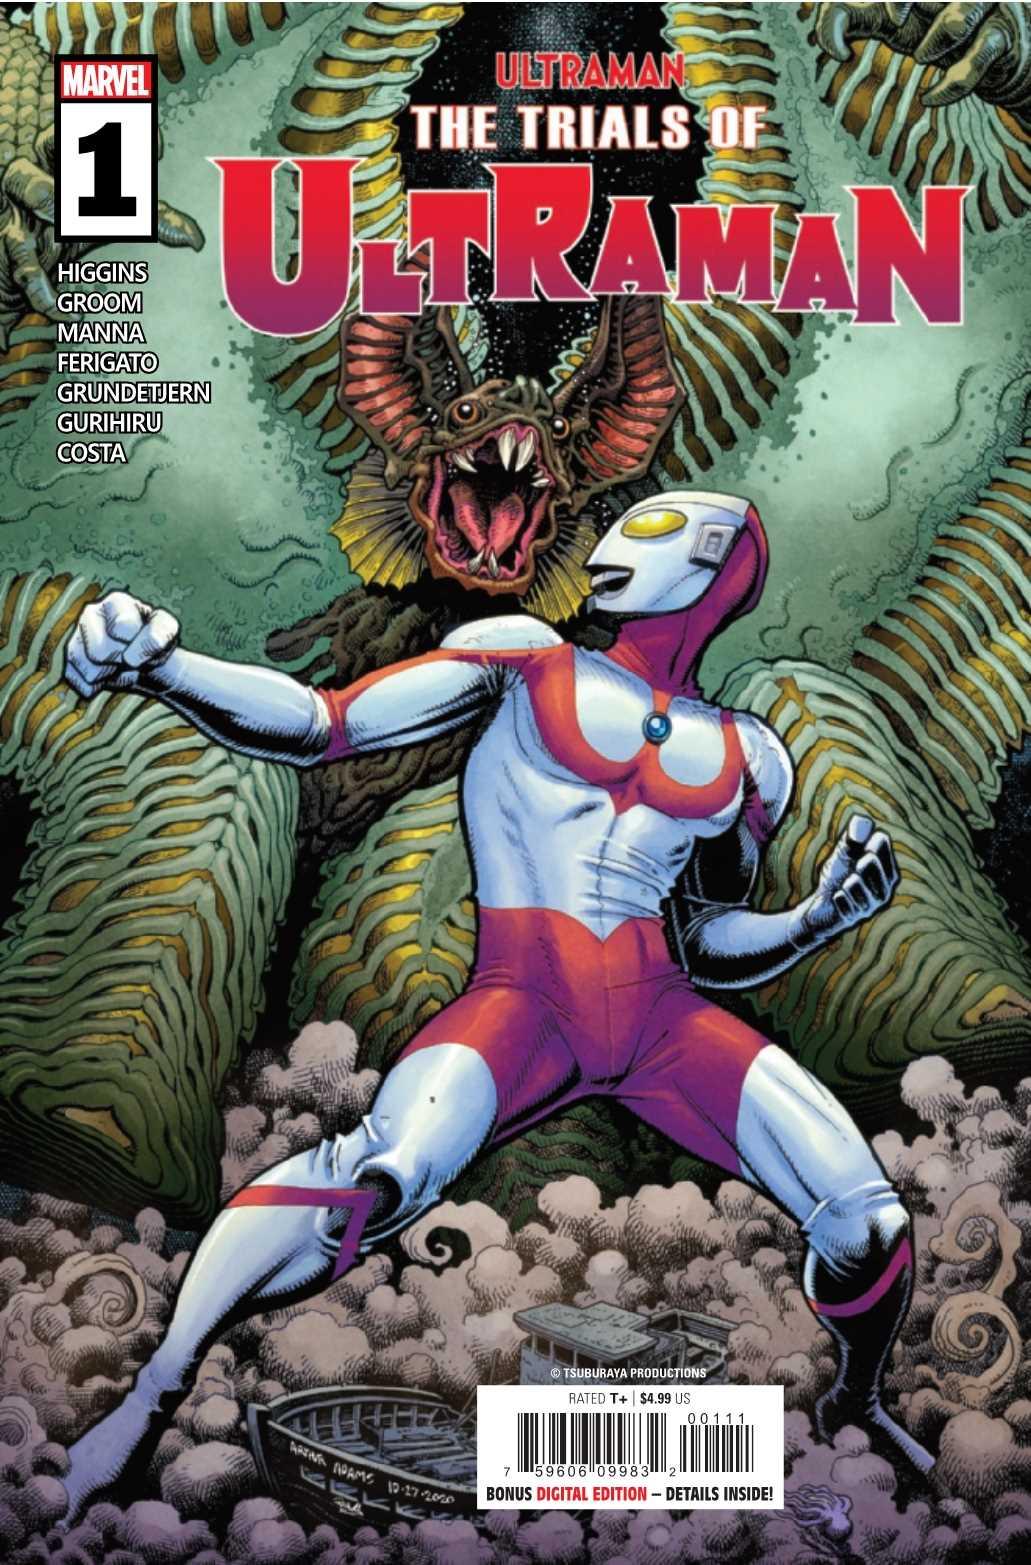 The Trials of Ultraman #1a